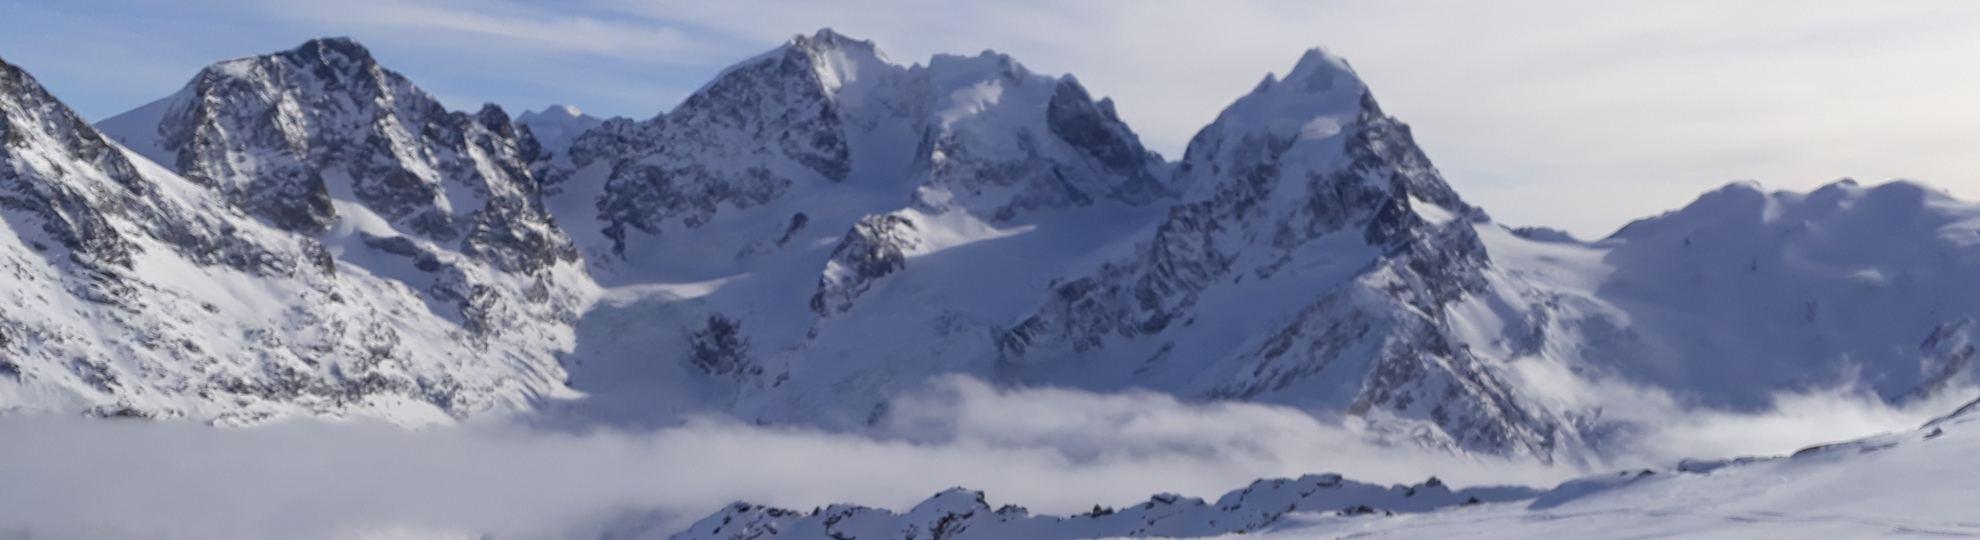 Skiwoche Im Engadin Mit Bewusstheitsarbeit Vom 21. – 26. März 2021